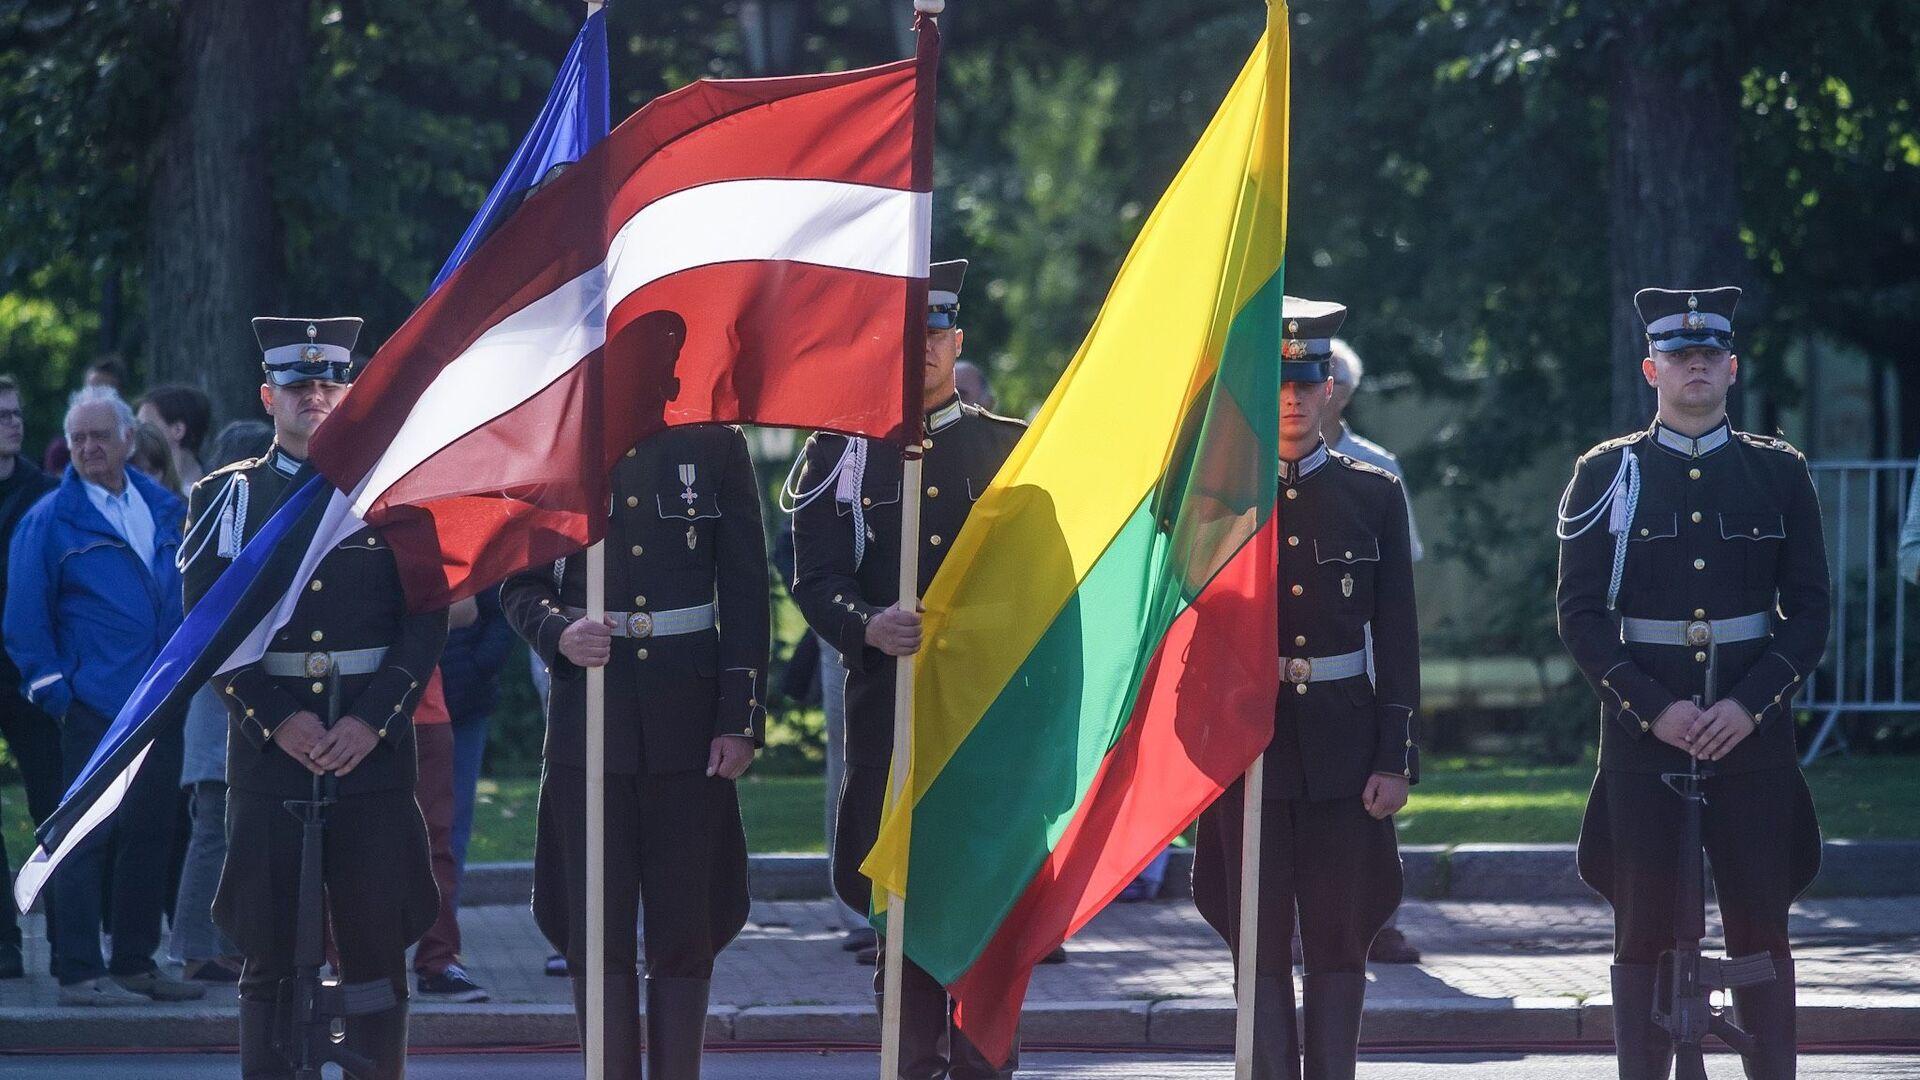 Почетный караул с флагами Эстонии, Латвии и Литвы - Sputnik Латвия, 1920, 22.09.2021